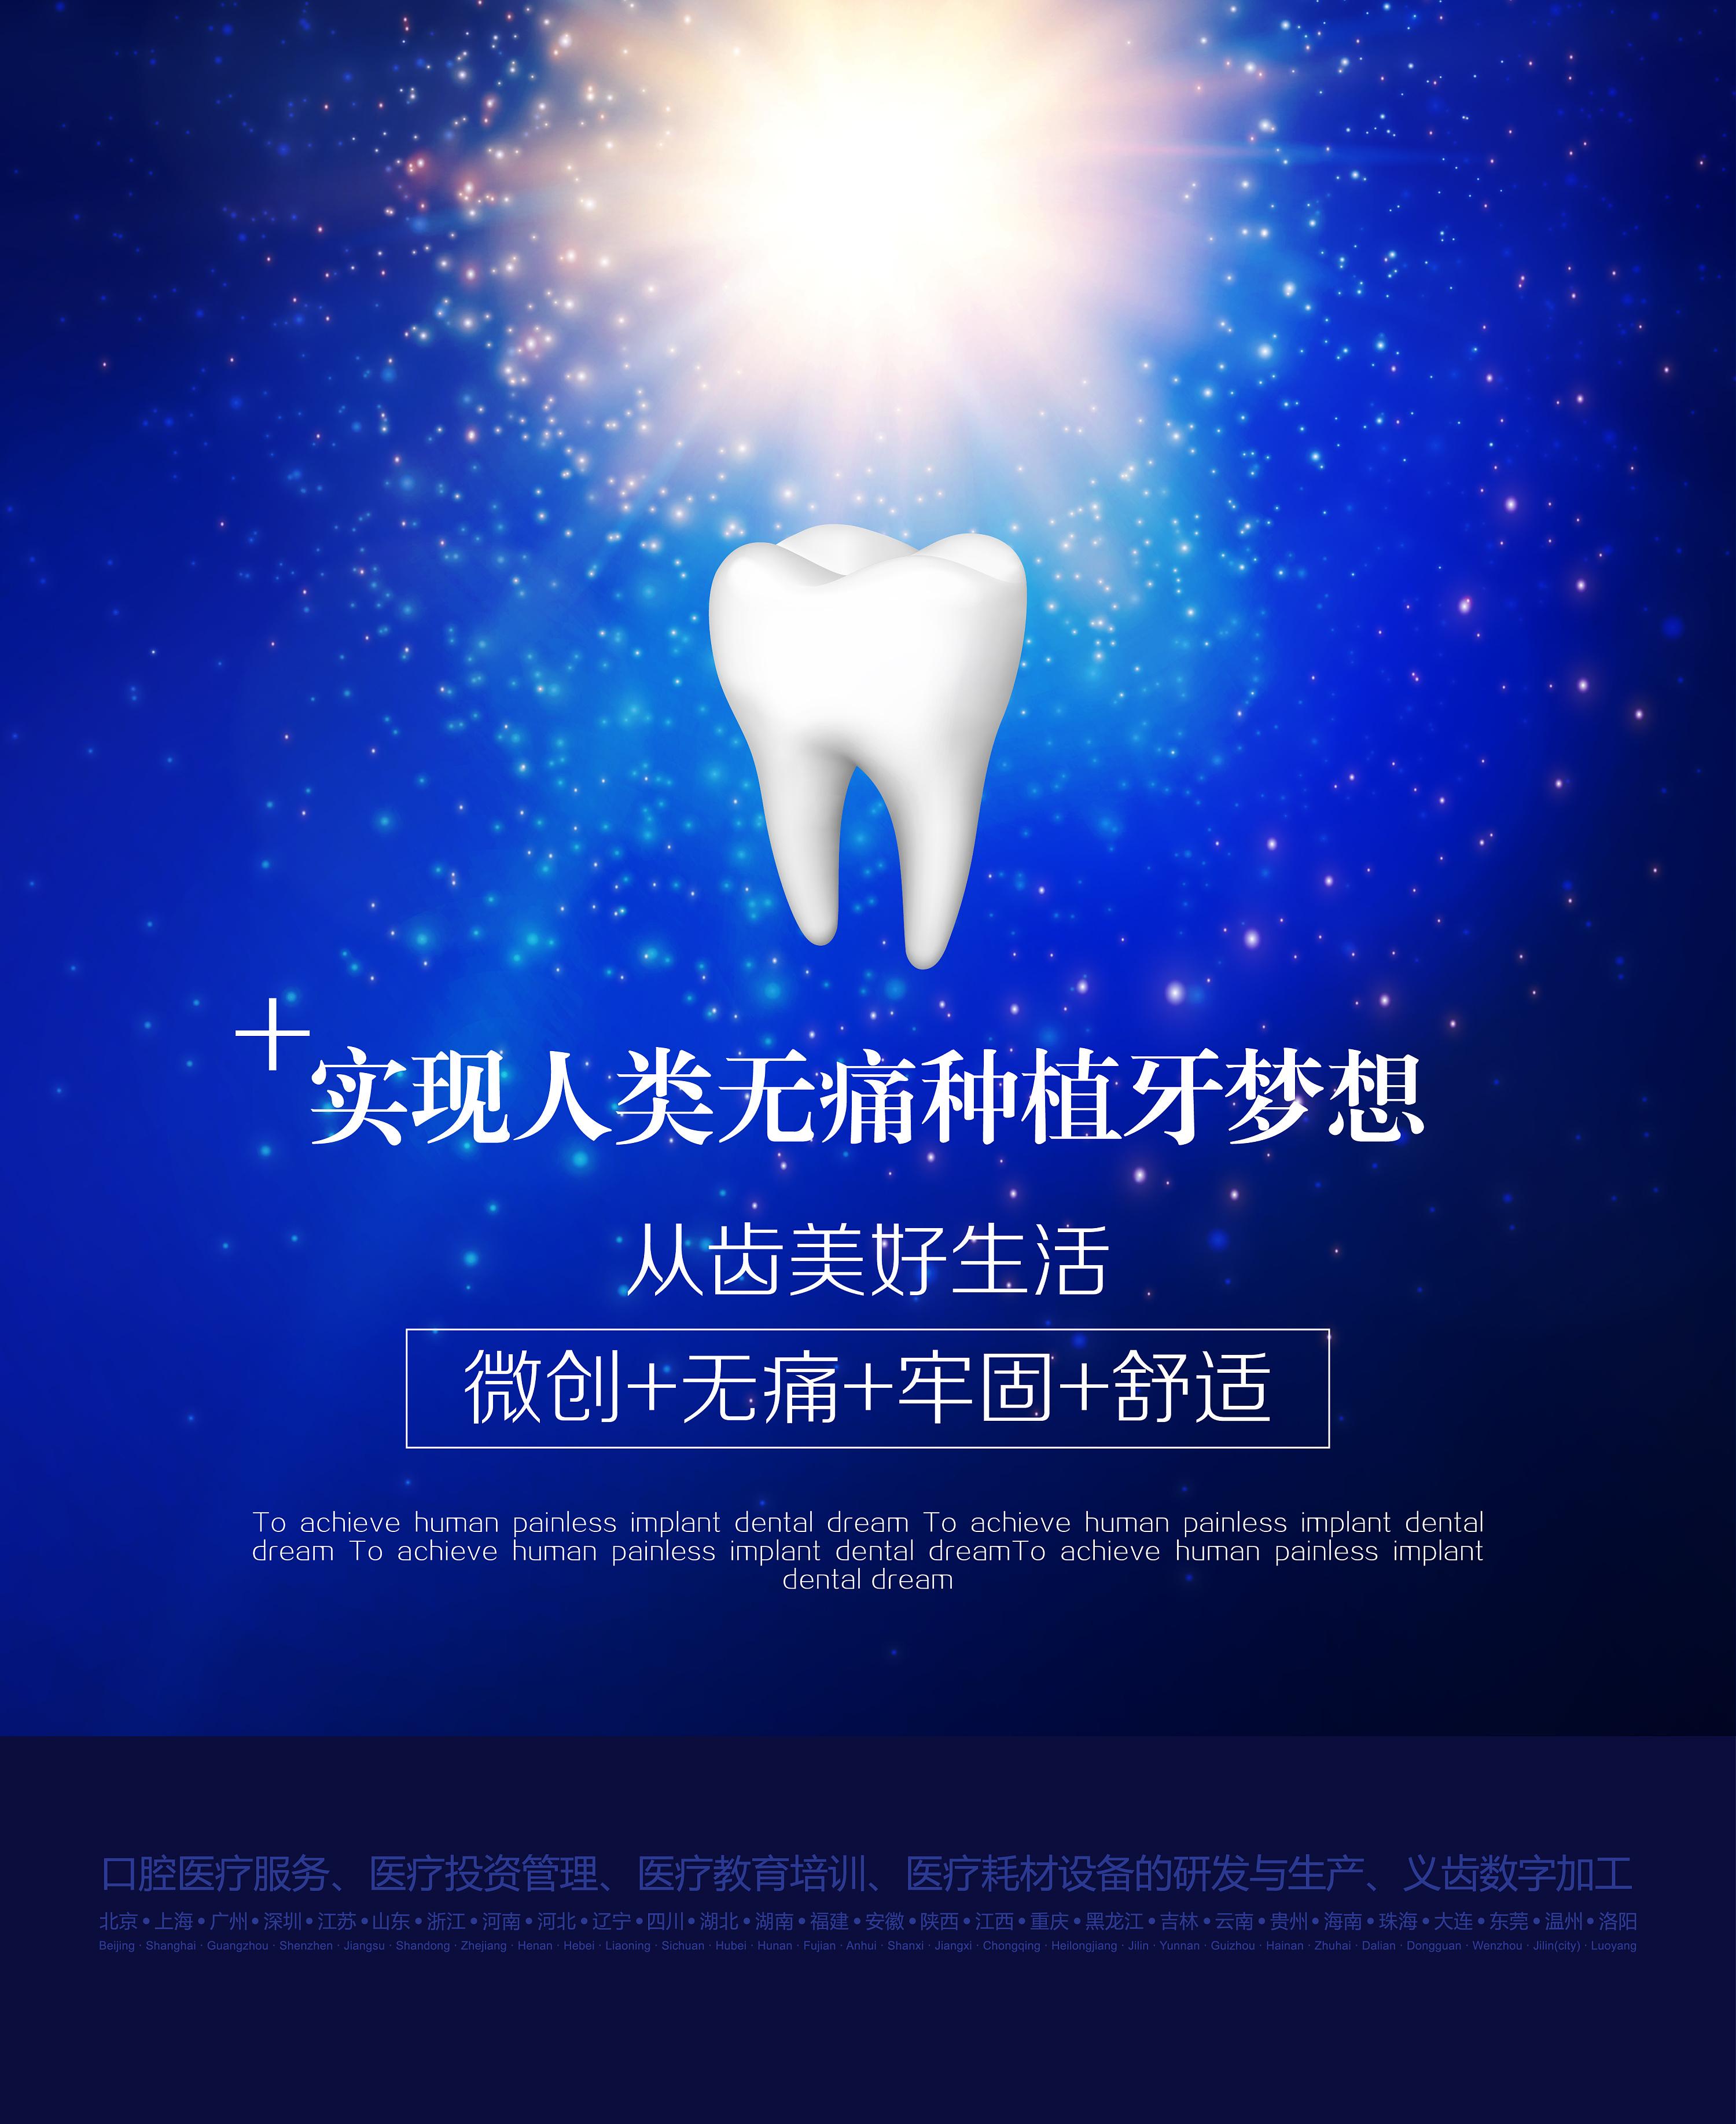 口腔健康海报